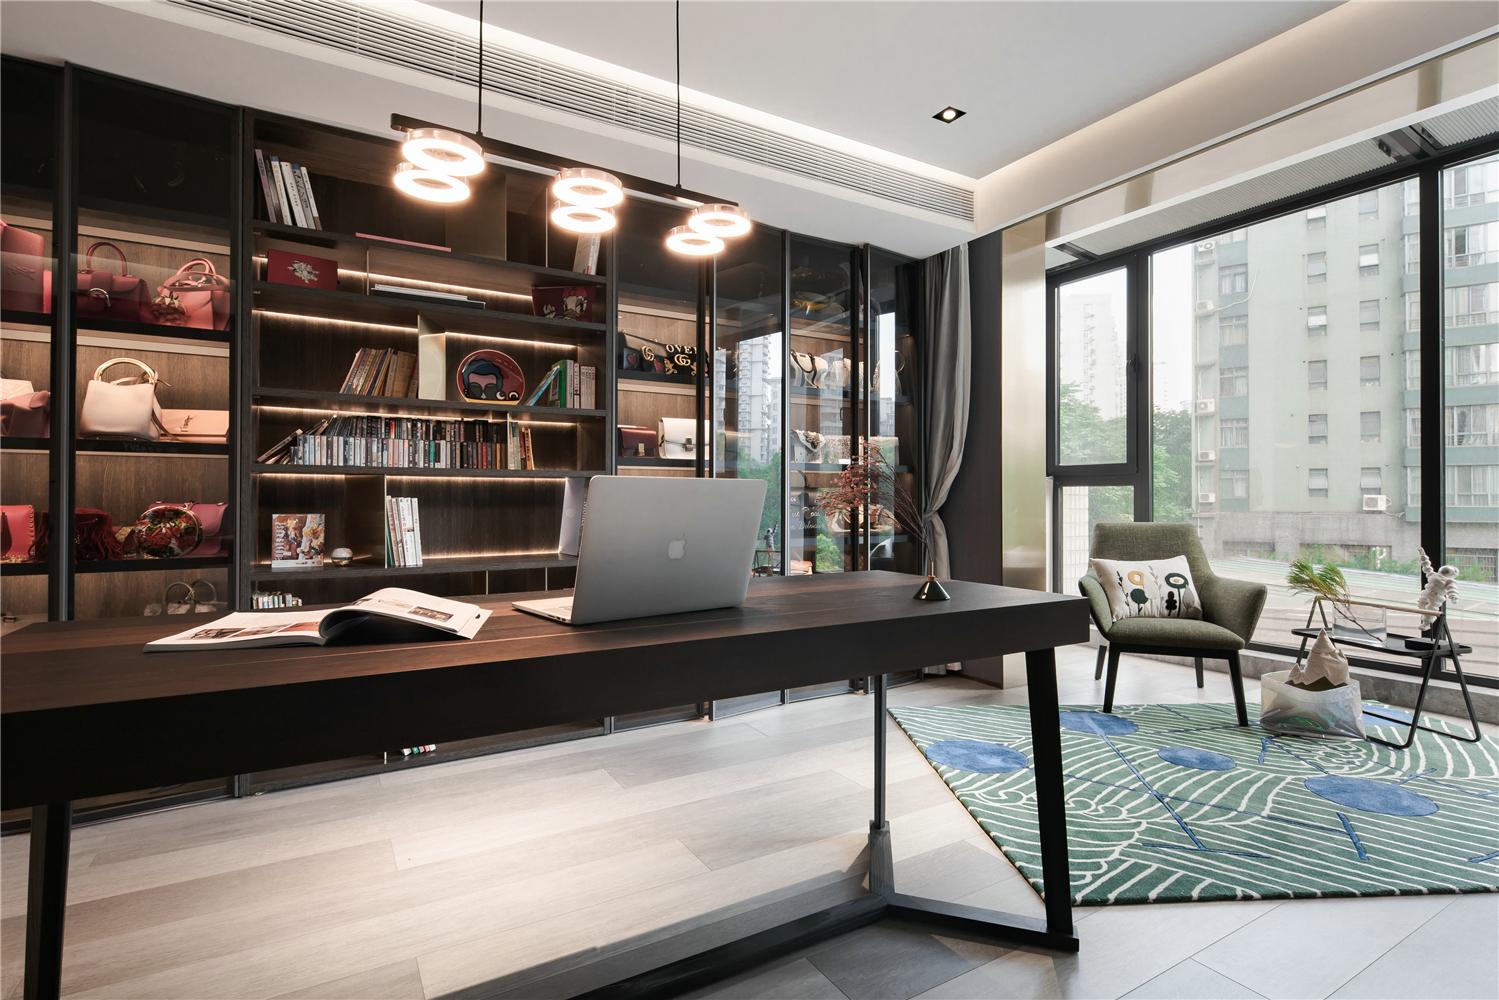 300㎡复式公寓书房装修效果图